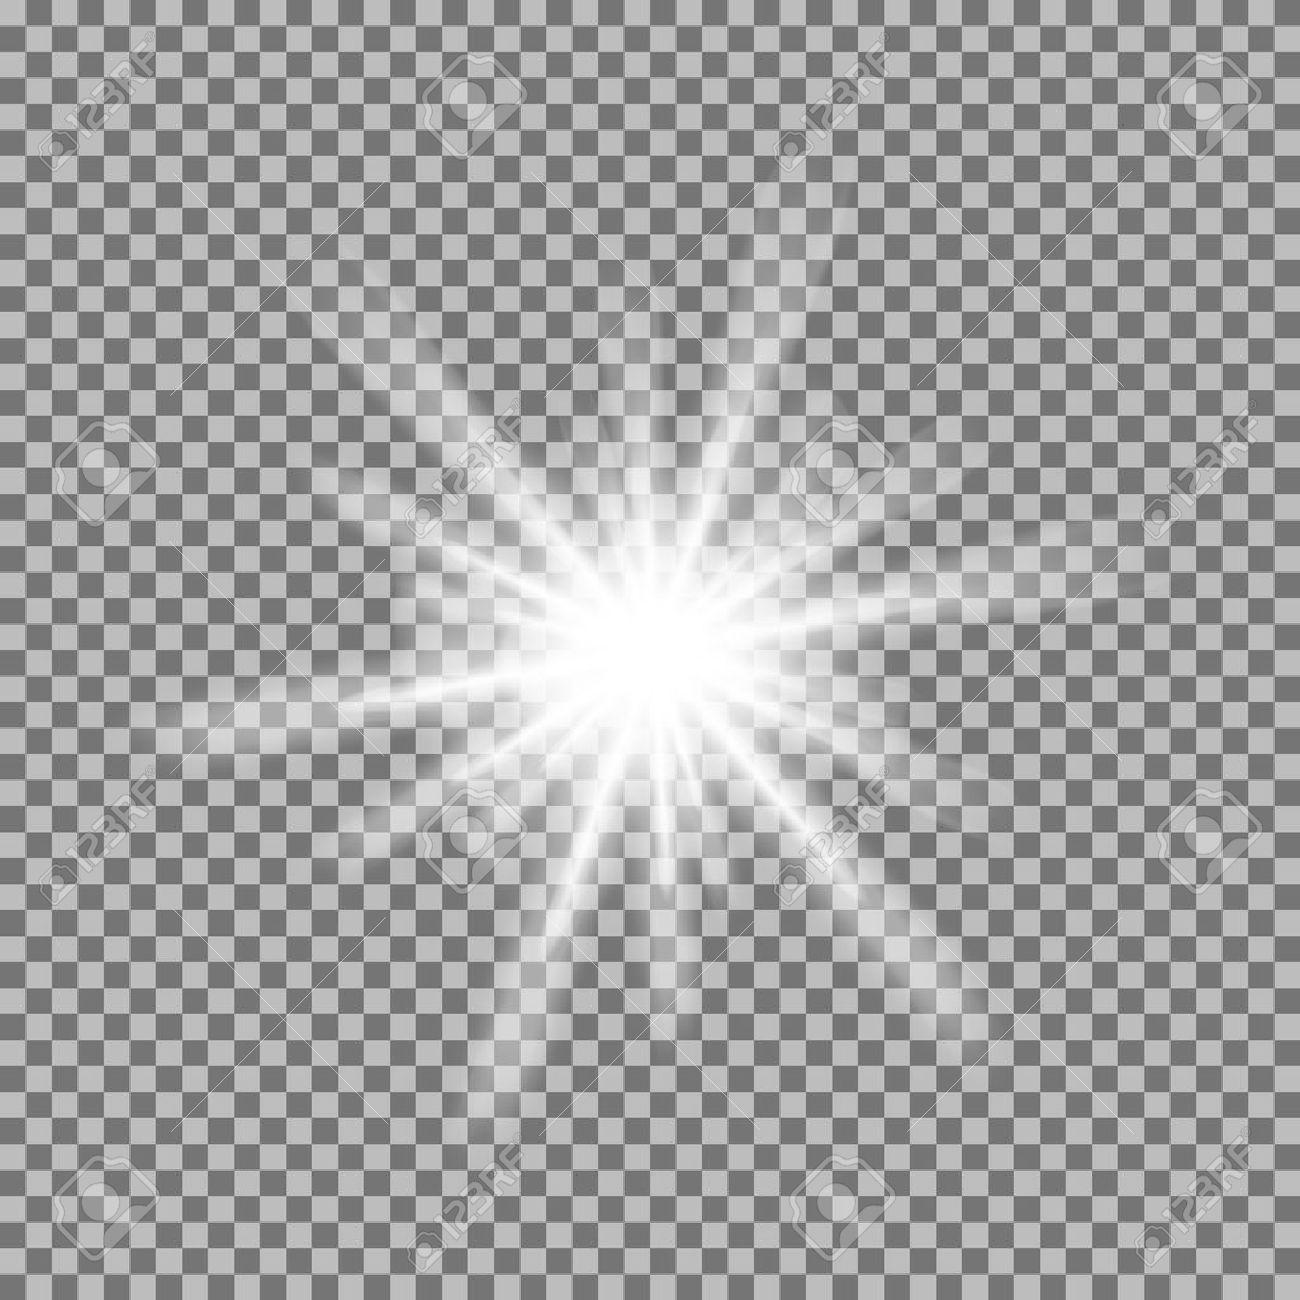 Bilder hintergrund transparent